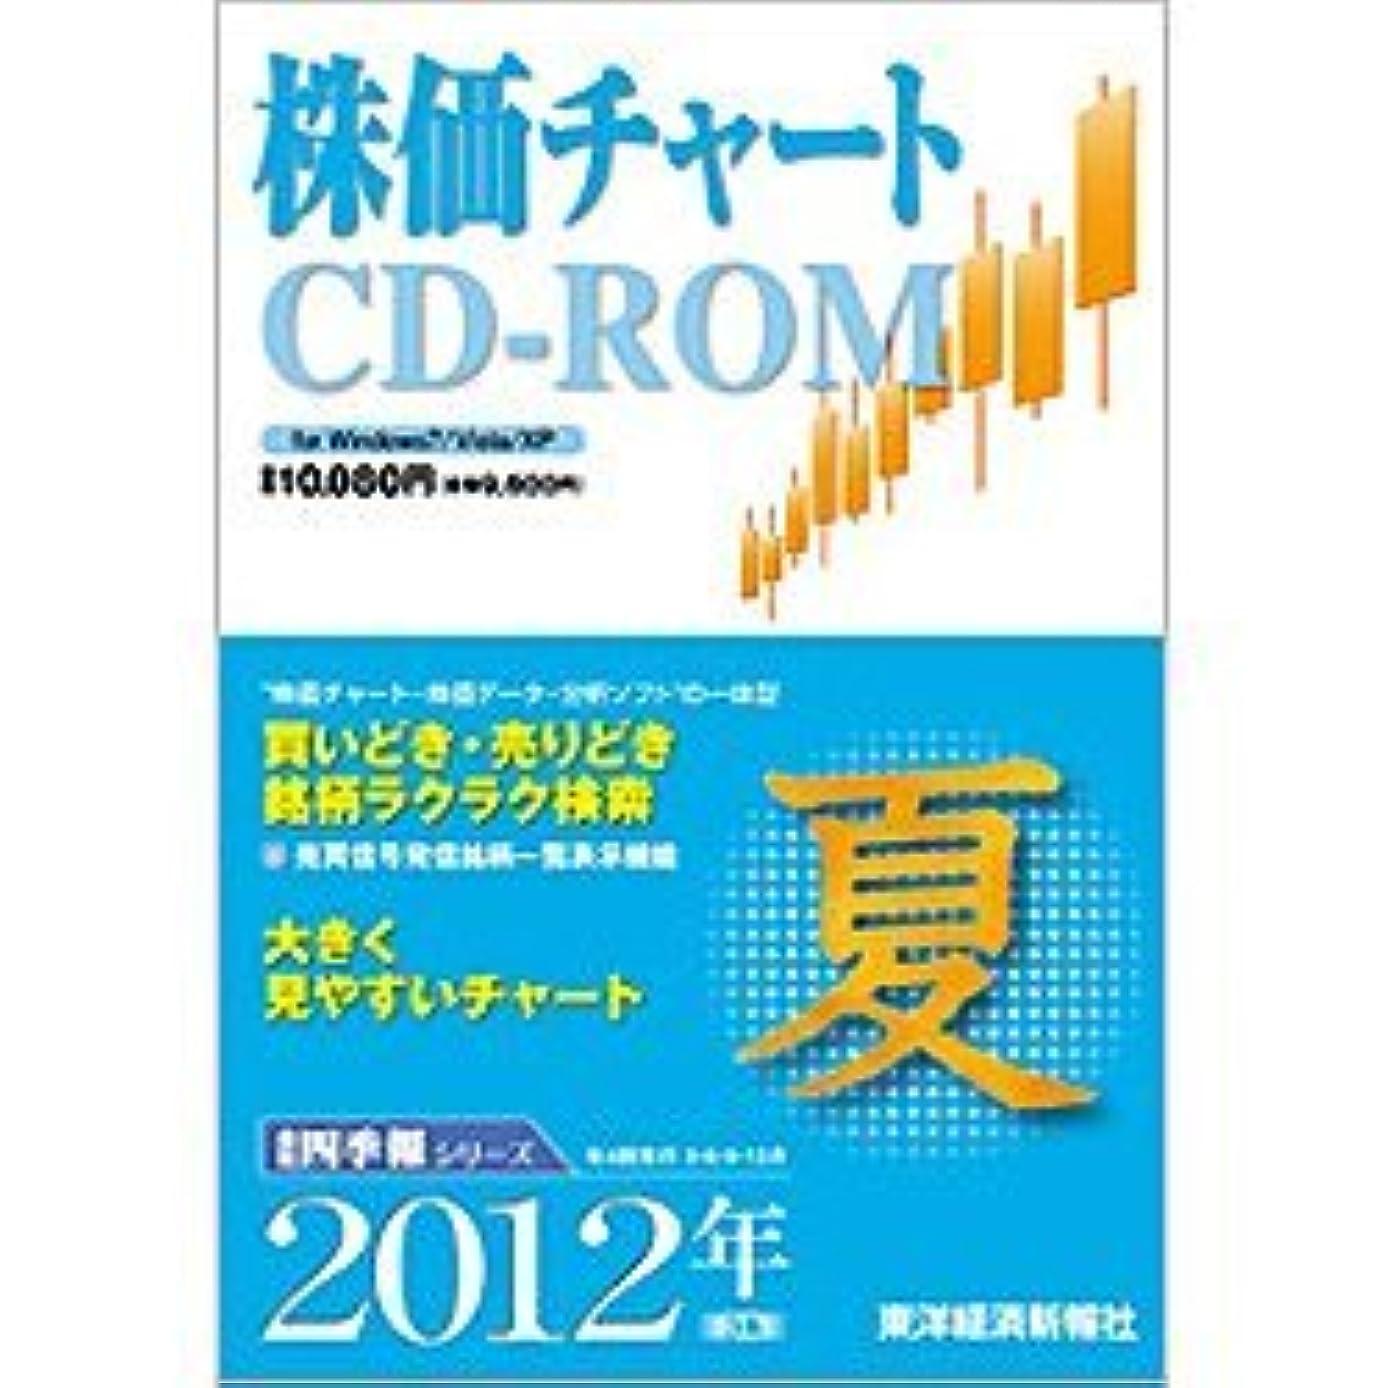 実証する膨らませる脇に株価チャートCD-ROM2012年3集夏号